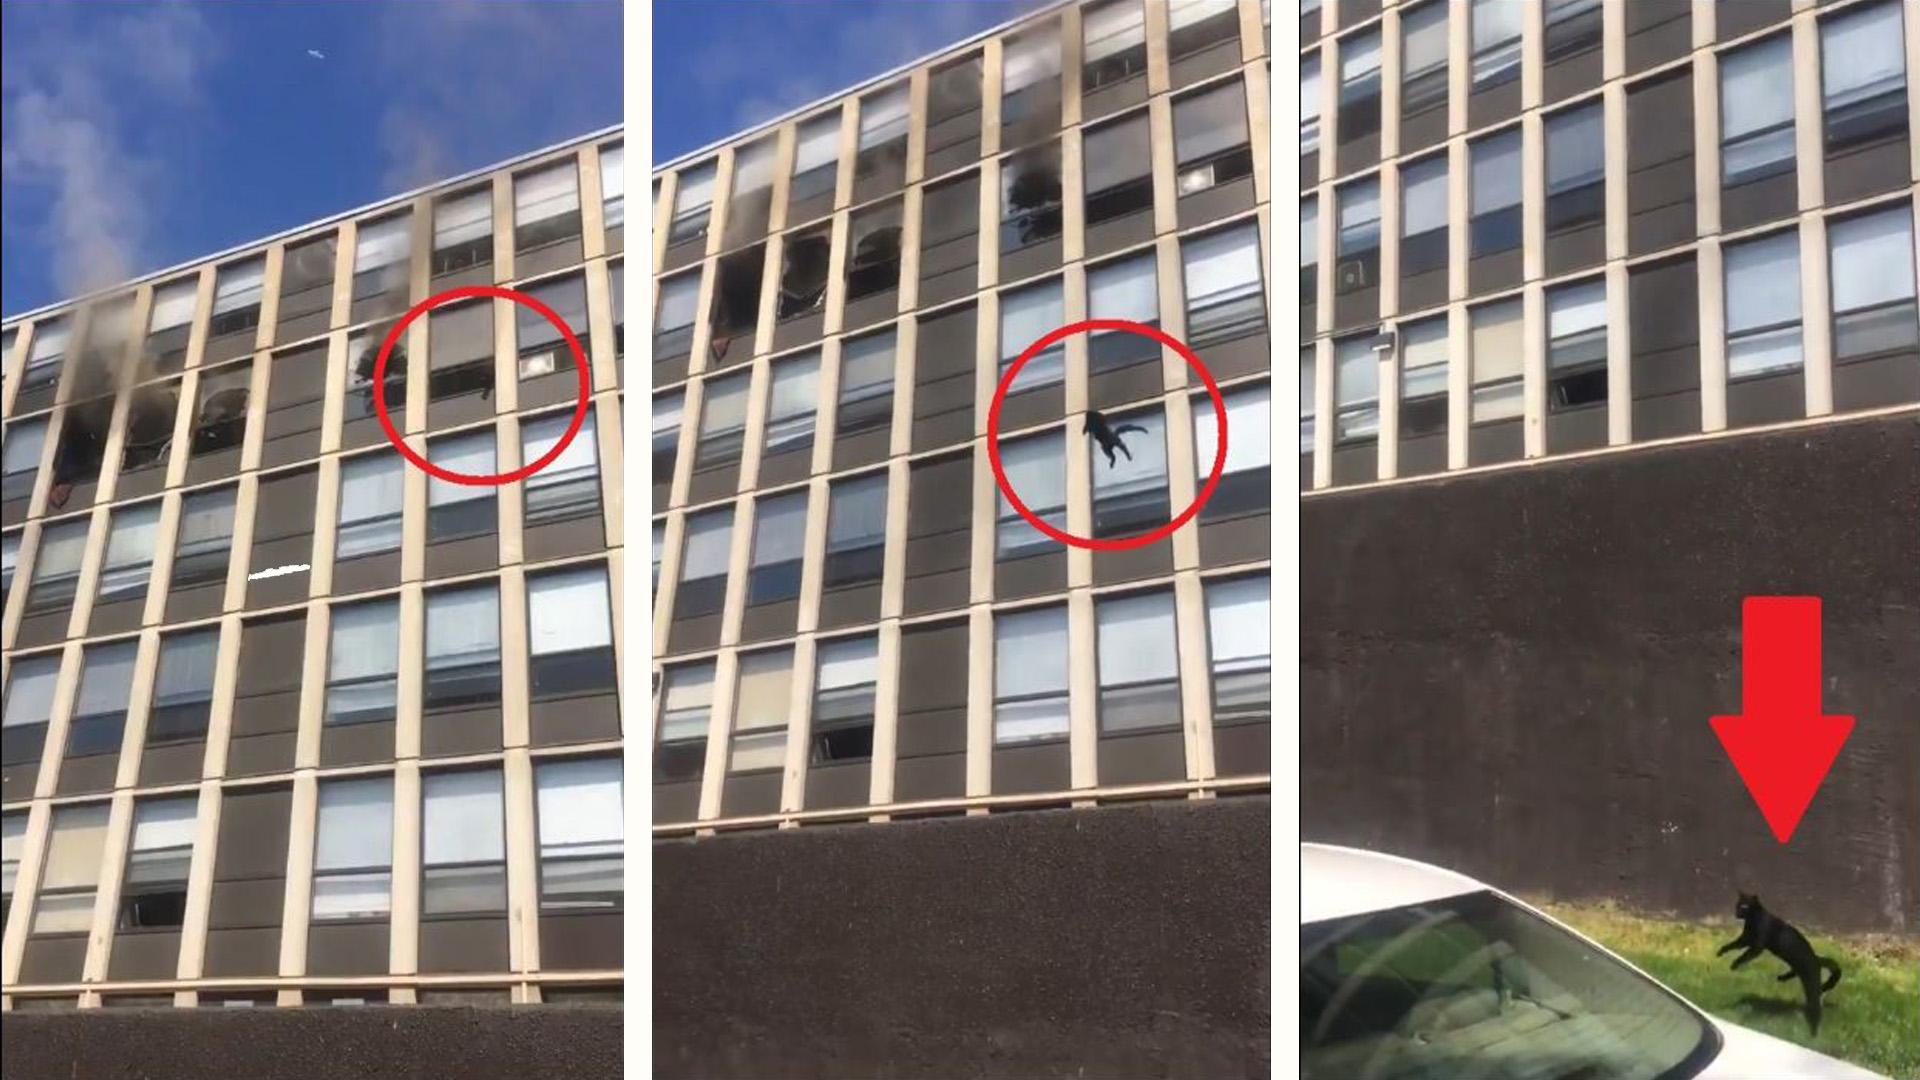 Vídeo mostra um gatinho pulando de prédio em chamas: ele sobreviveu